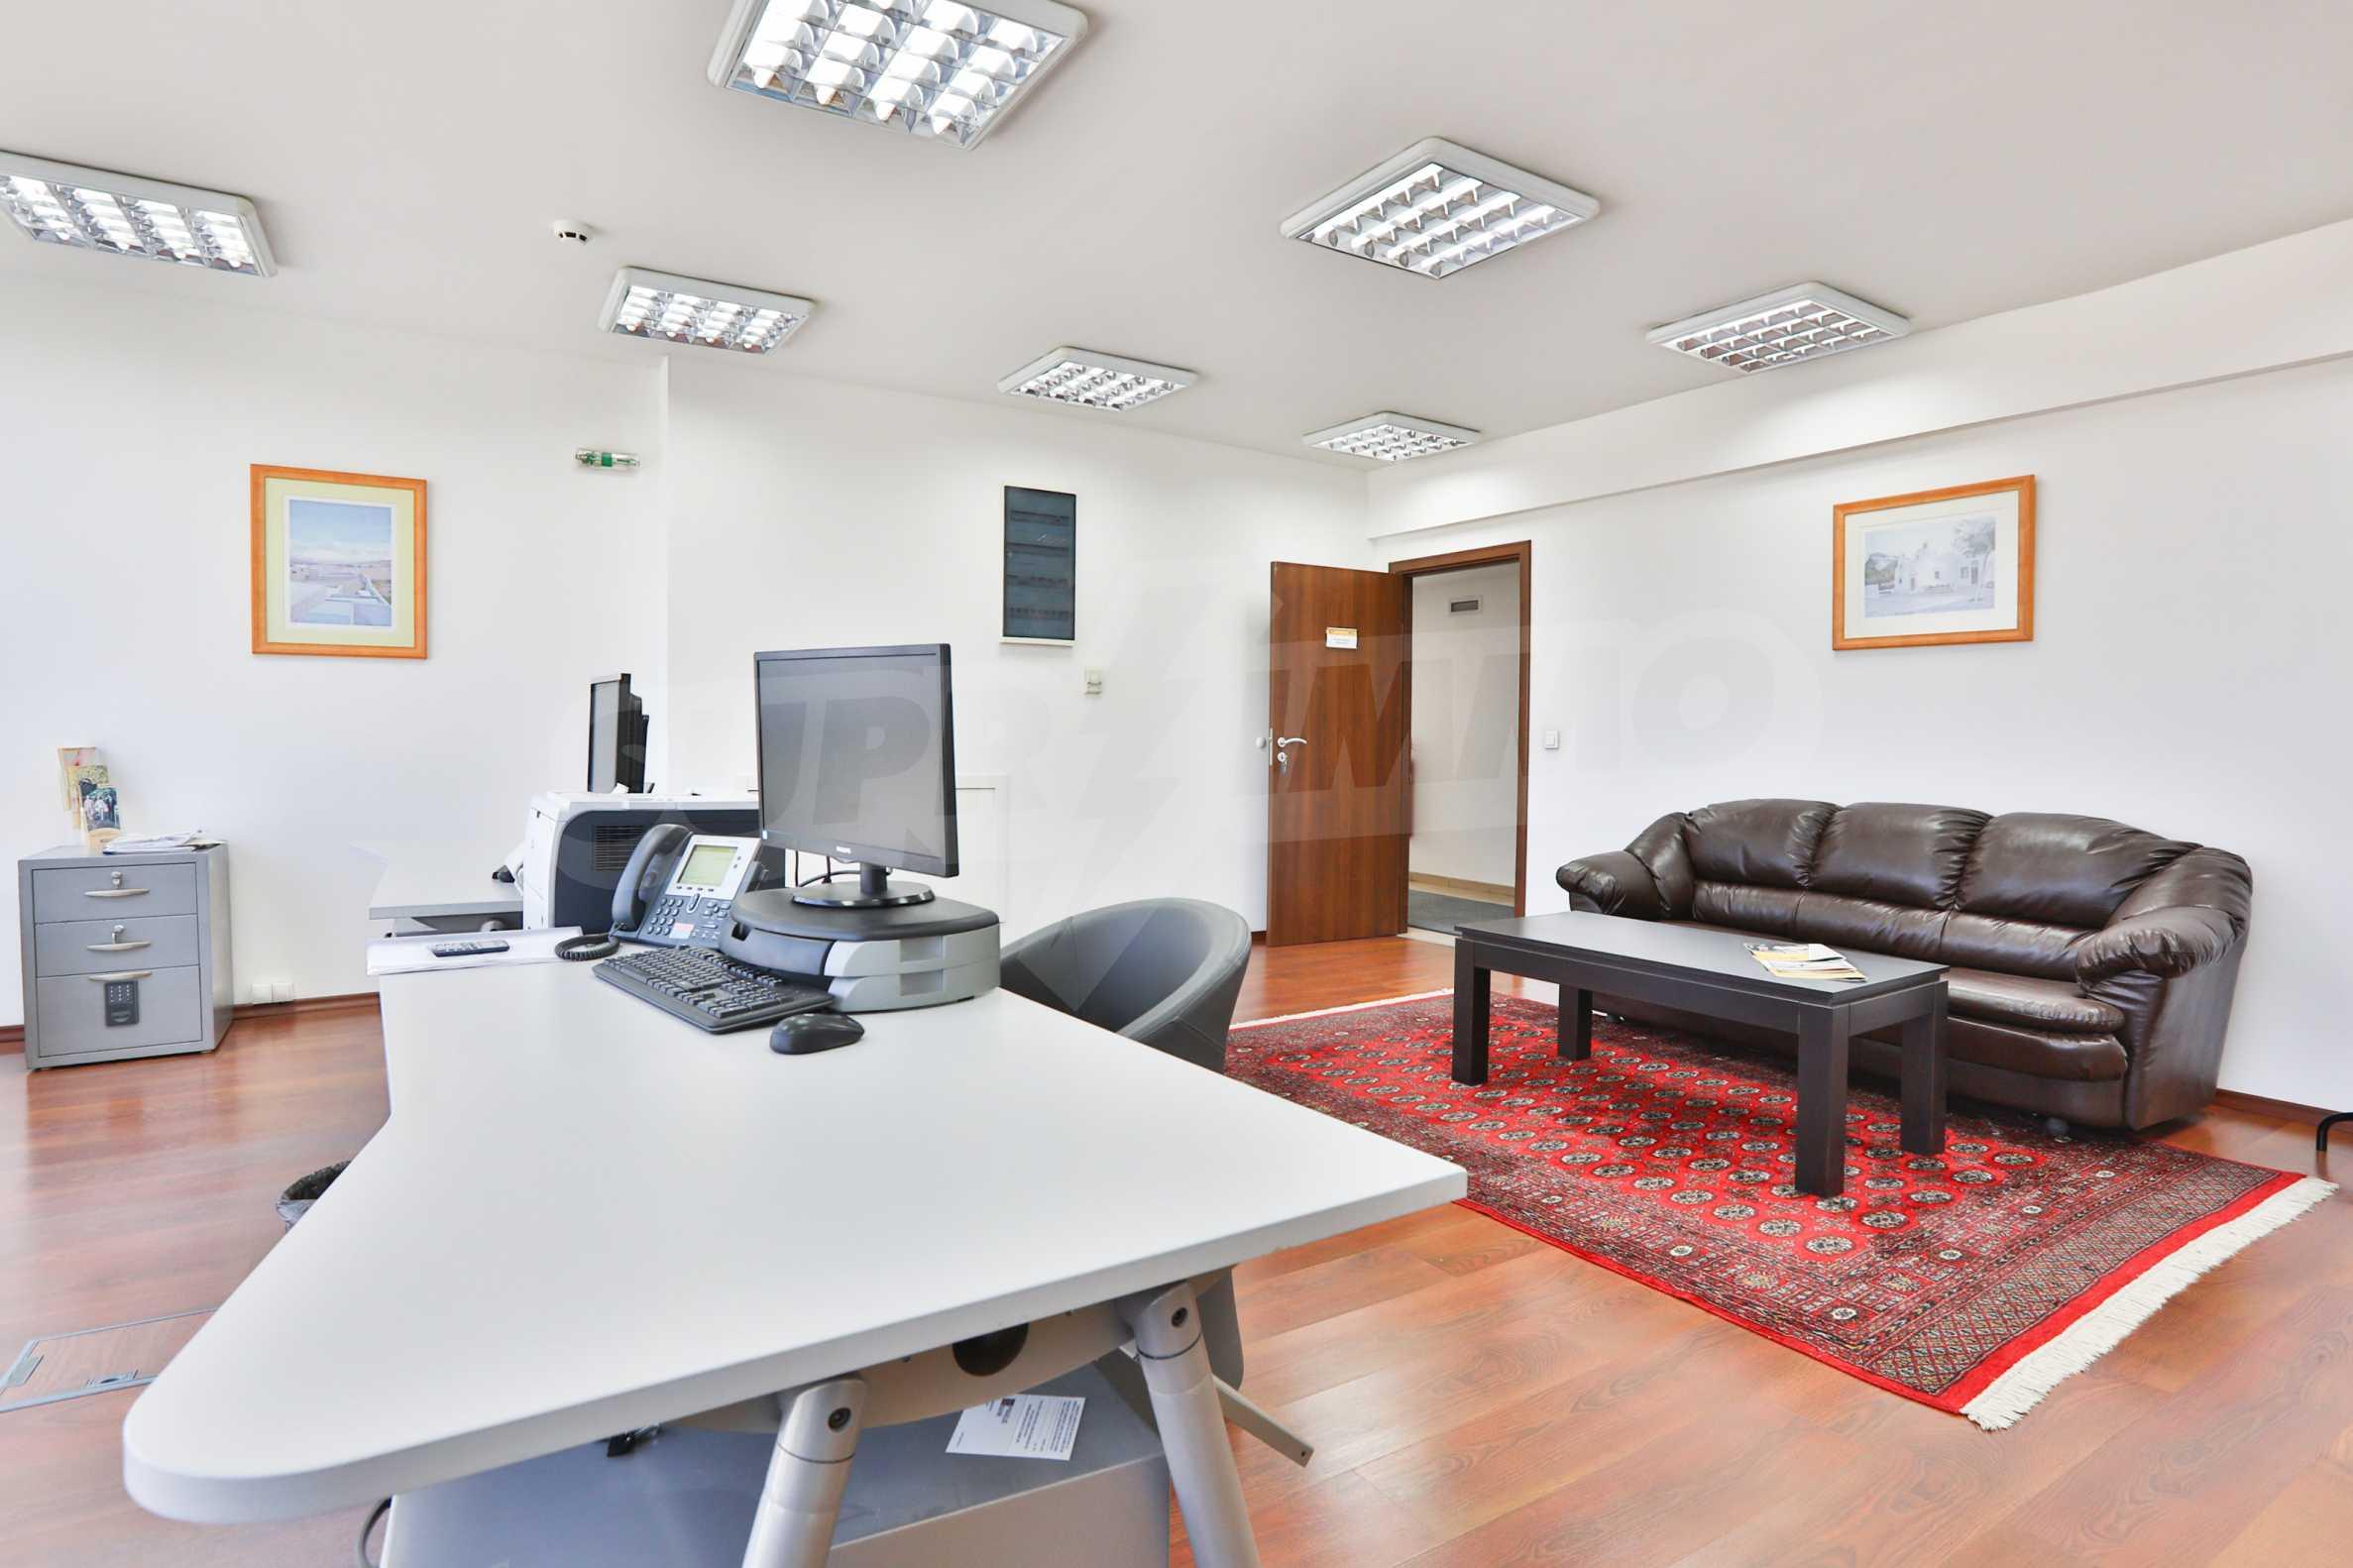 Площи тип open space в офис зоната на бул. Цариградско шосе 30